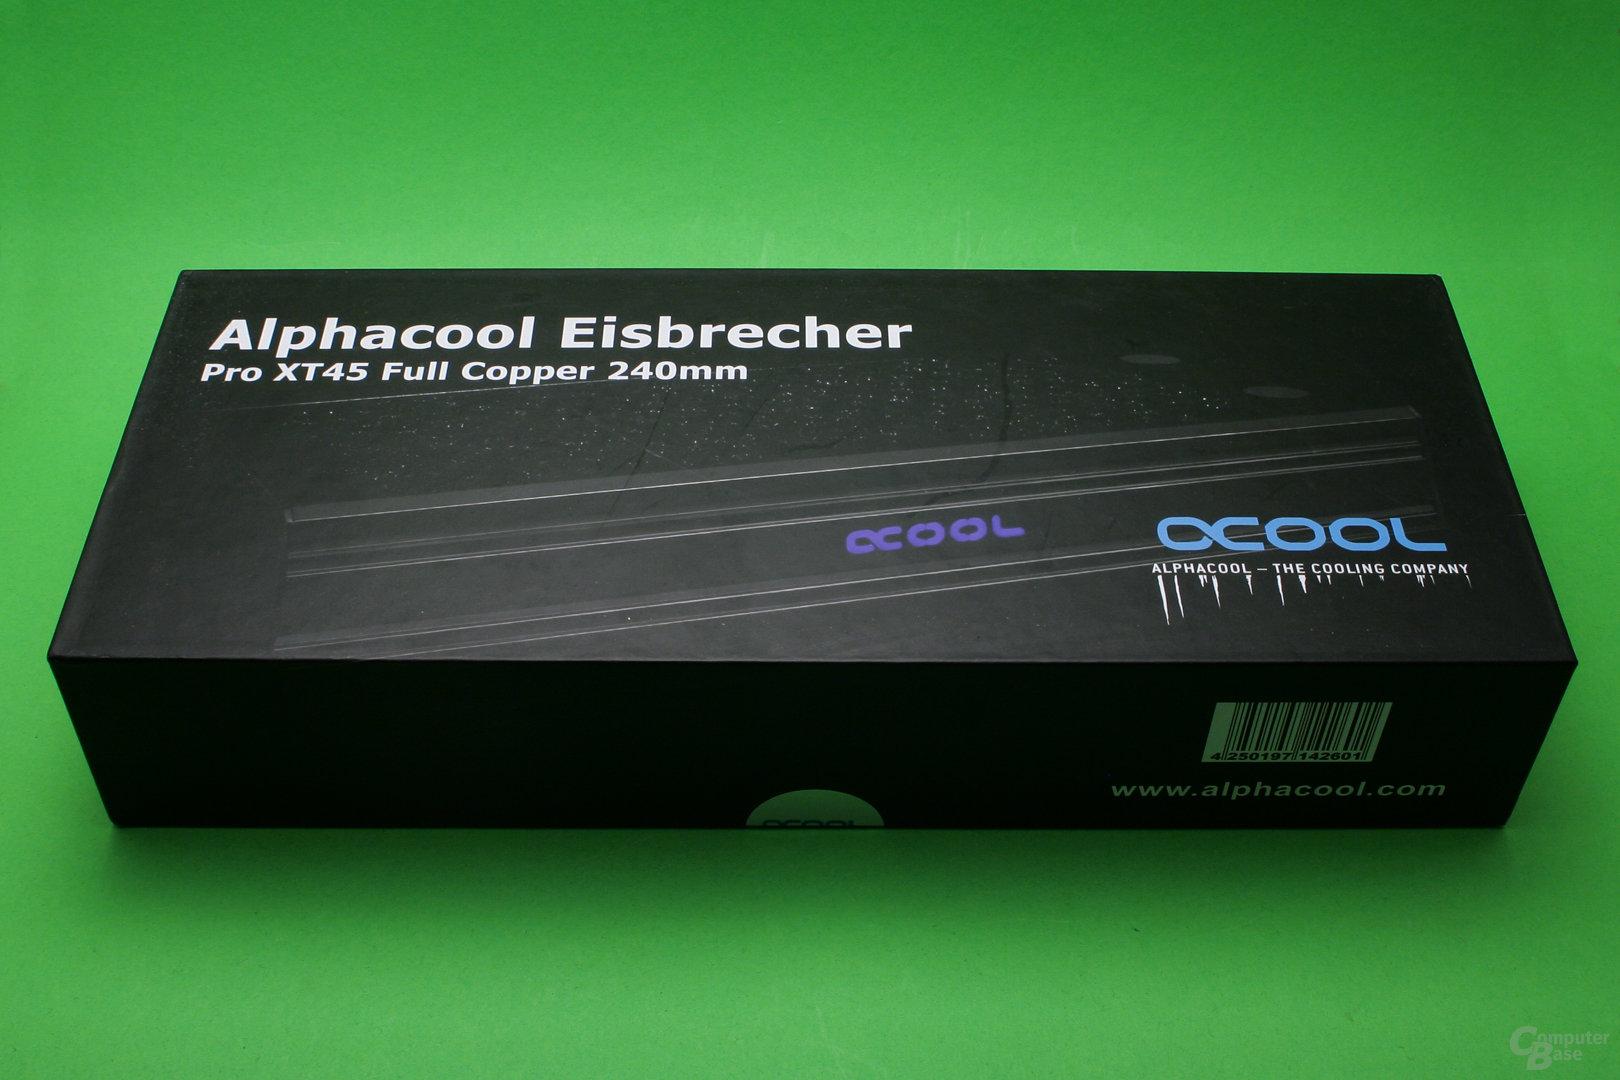 Alphacool Eisbrecher 240: Verpackung